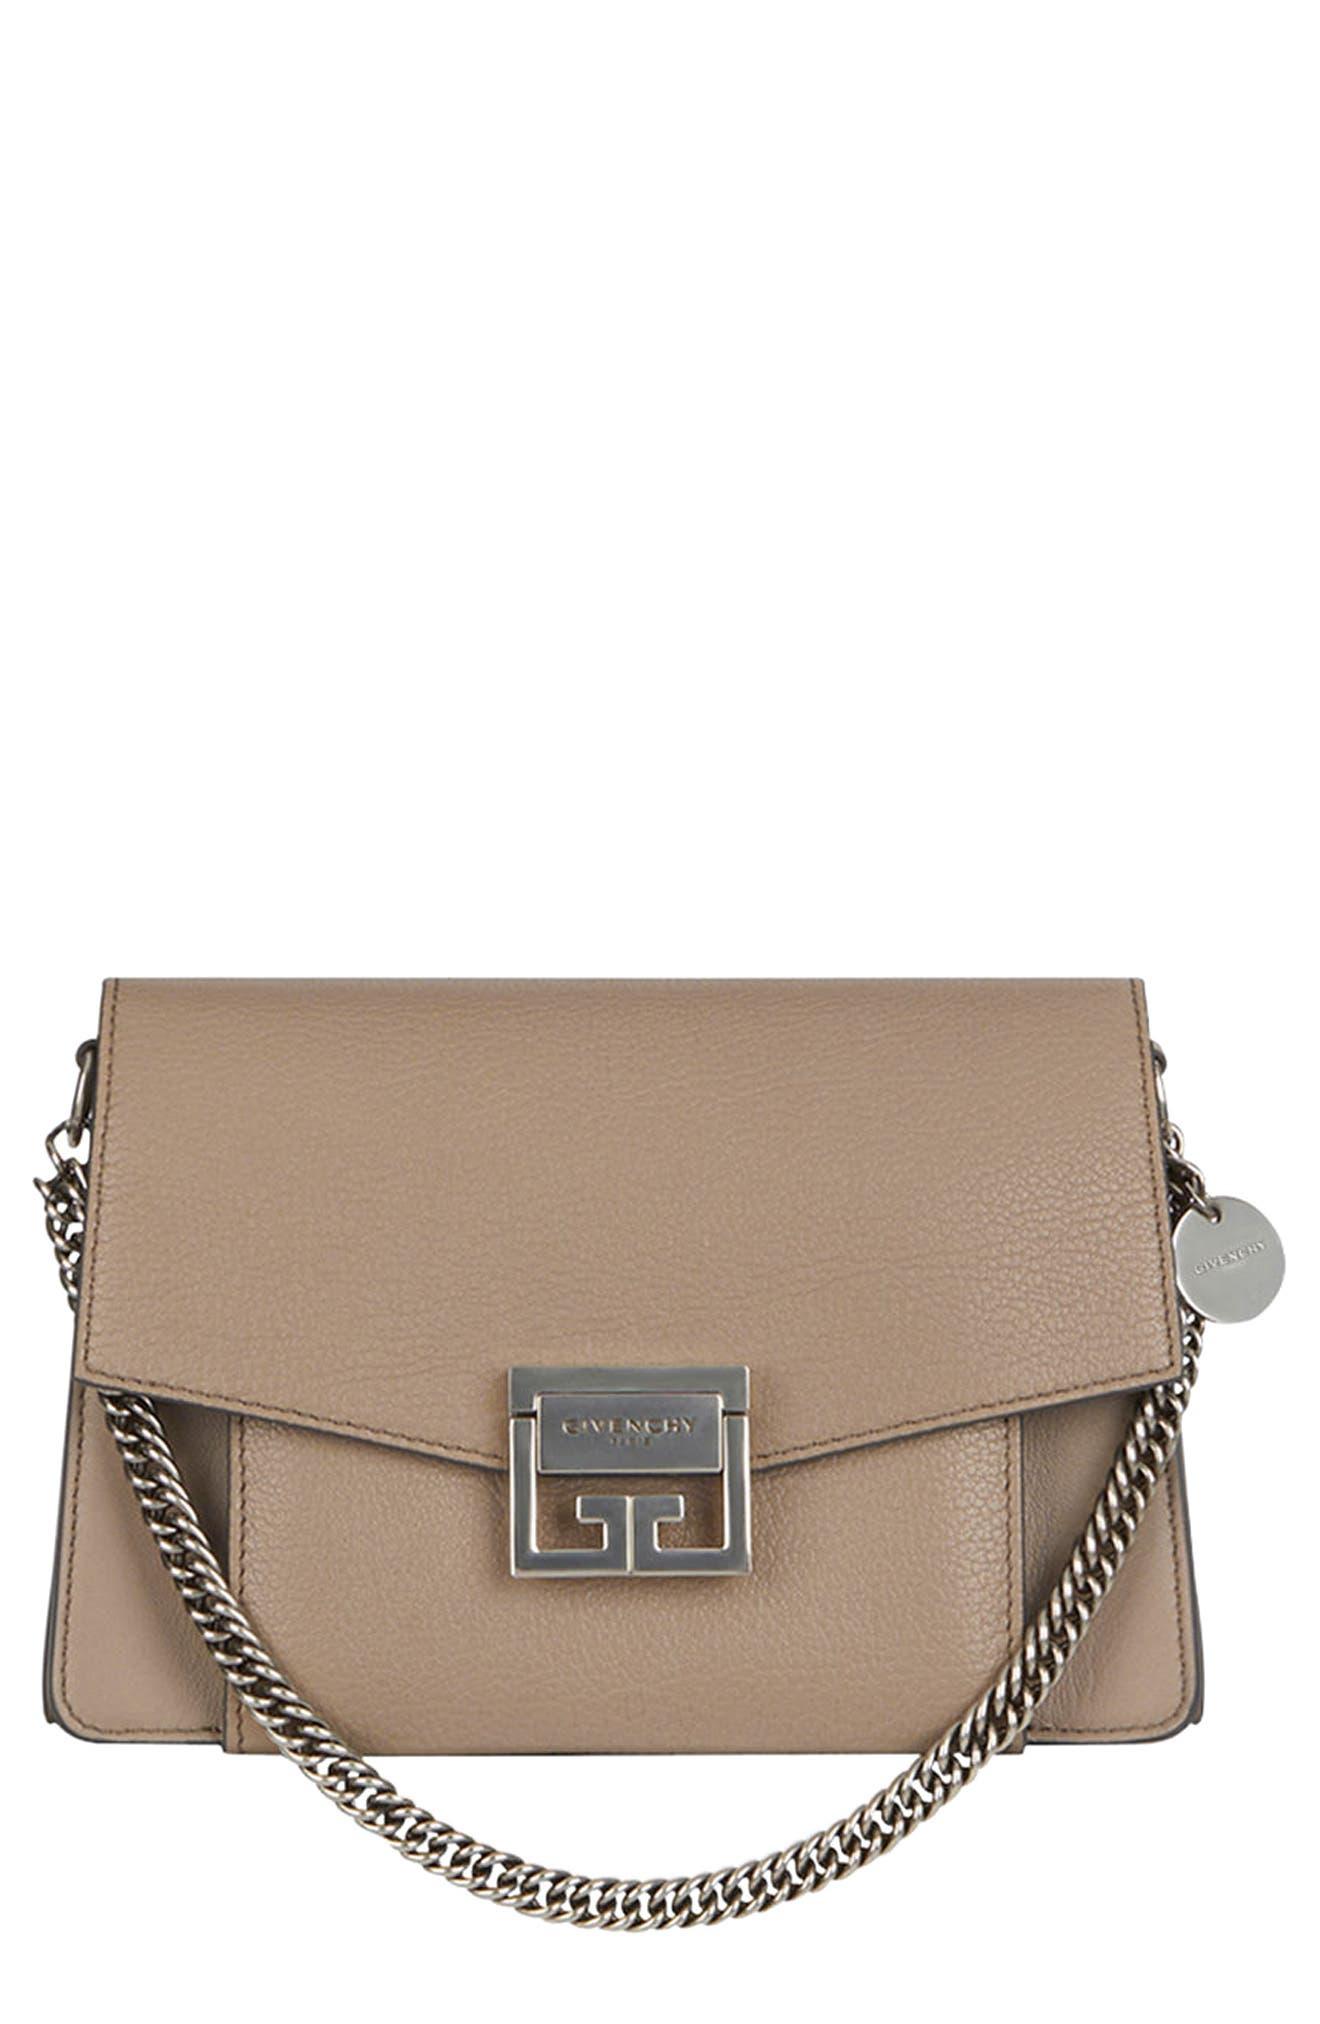 c445b946910e Givenchy Handbags